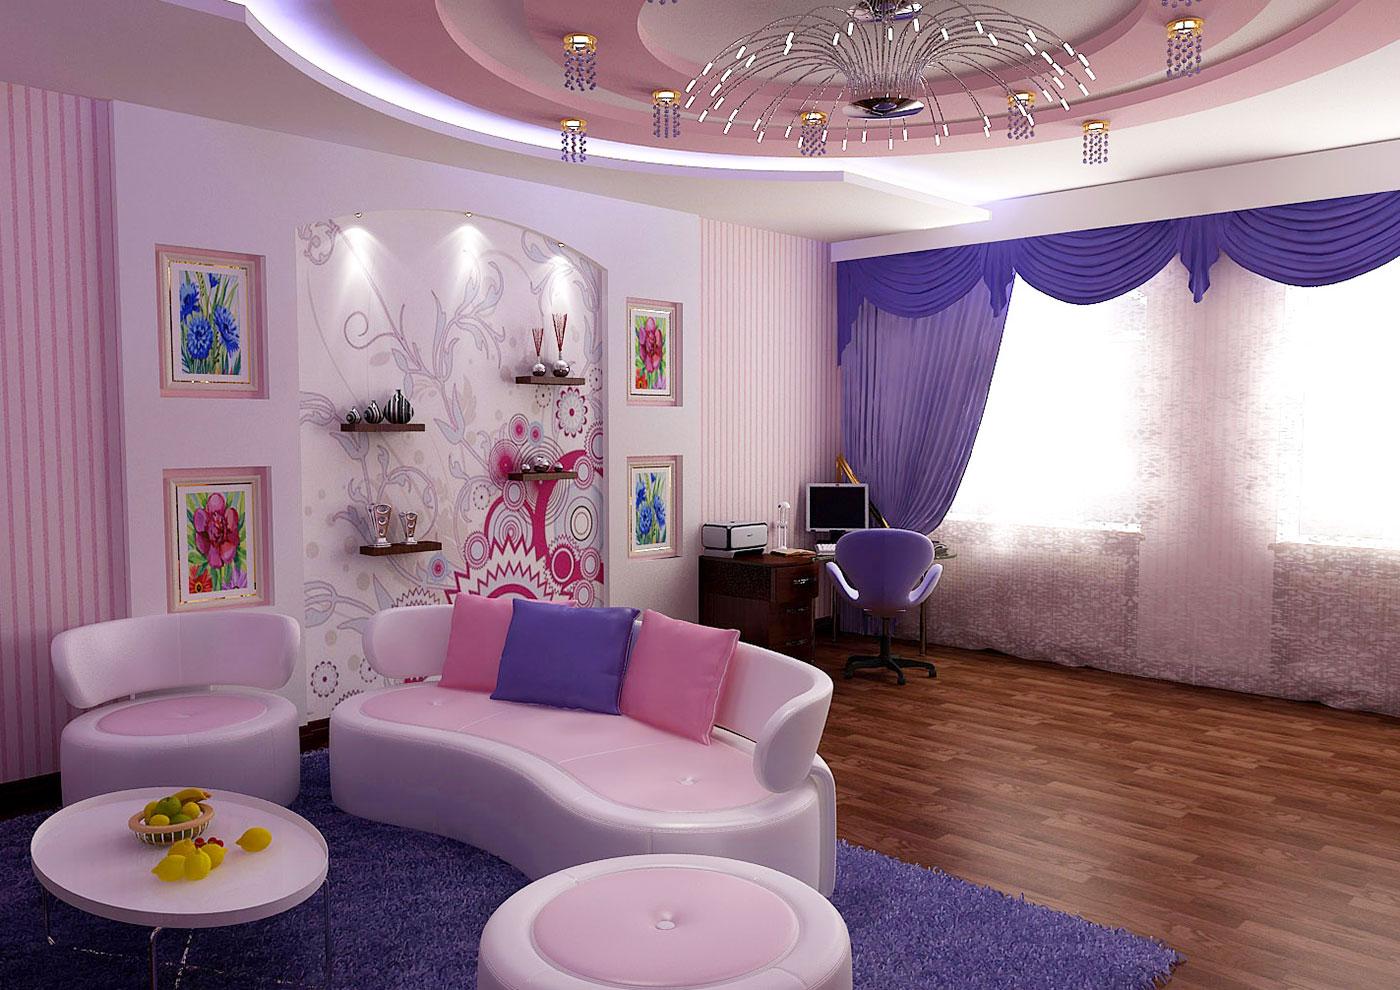 Интерьер частного дома в Ташкенте - дизайн детской комнаты